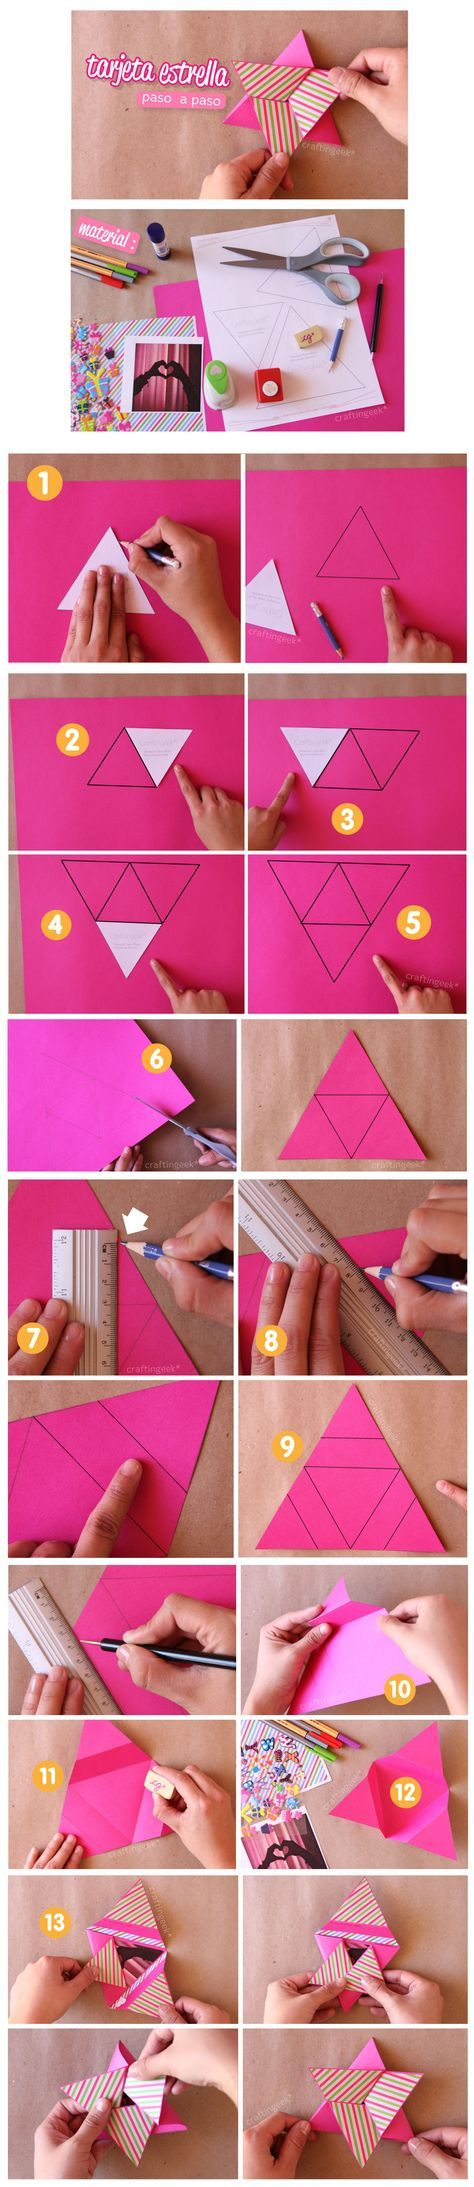 Tarjeta estrella / Star Card - Scrapbook - idea para el día de la madre. Paso a paso y más acá: http://www.craftingeek.me/2012/04/tarjeta-estrella-scrapbook-paso-paso.html